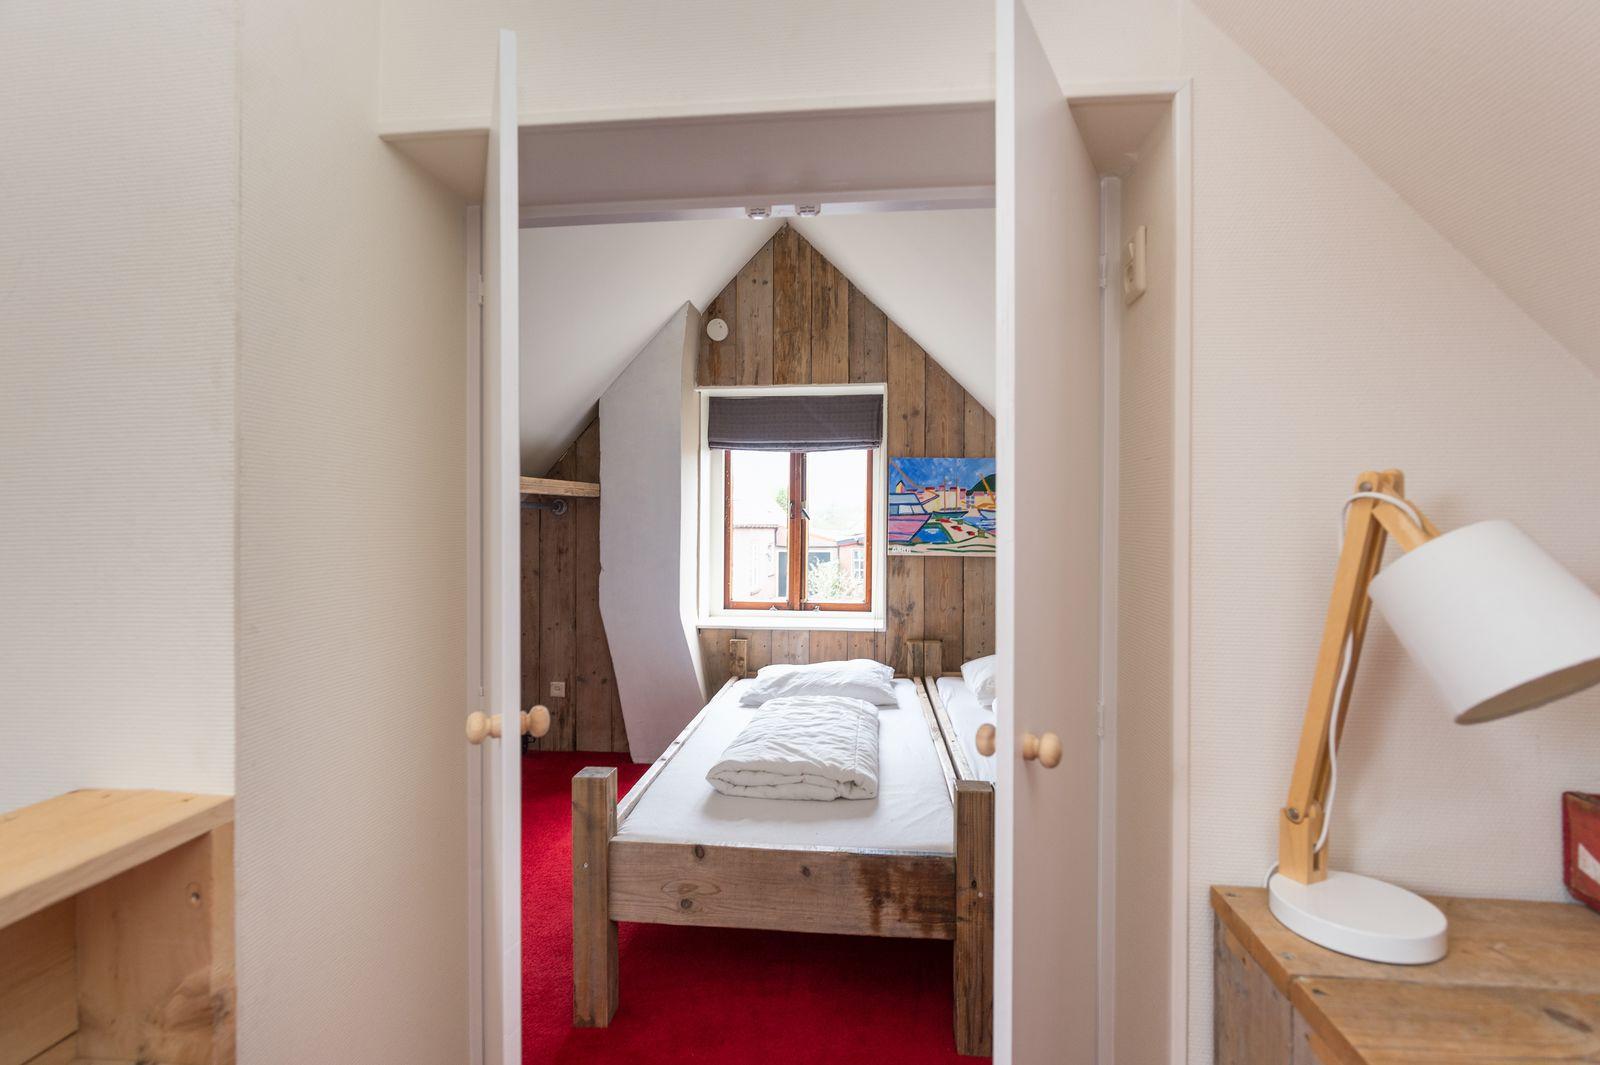 Afbeelding van Ouddorp - Vakantiehuis Midden in Ouddorp 6 personen